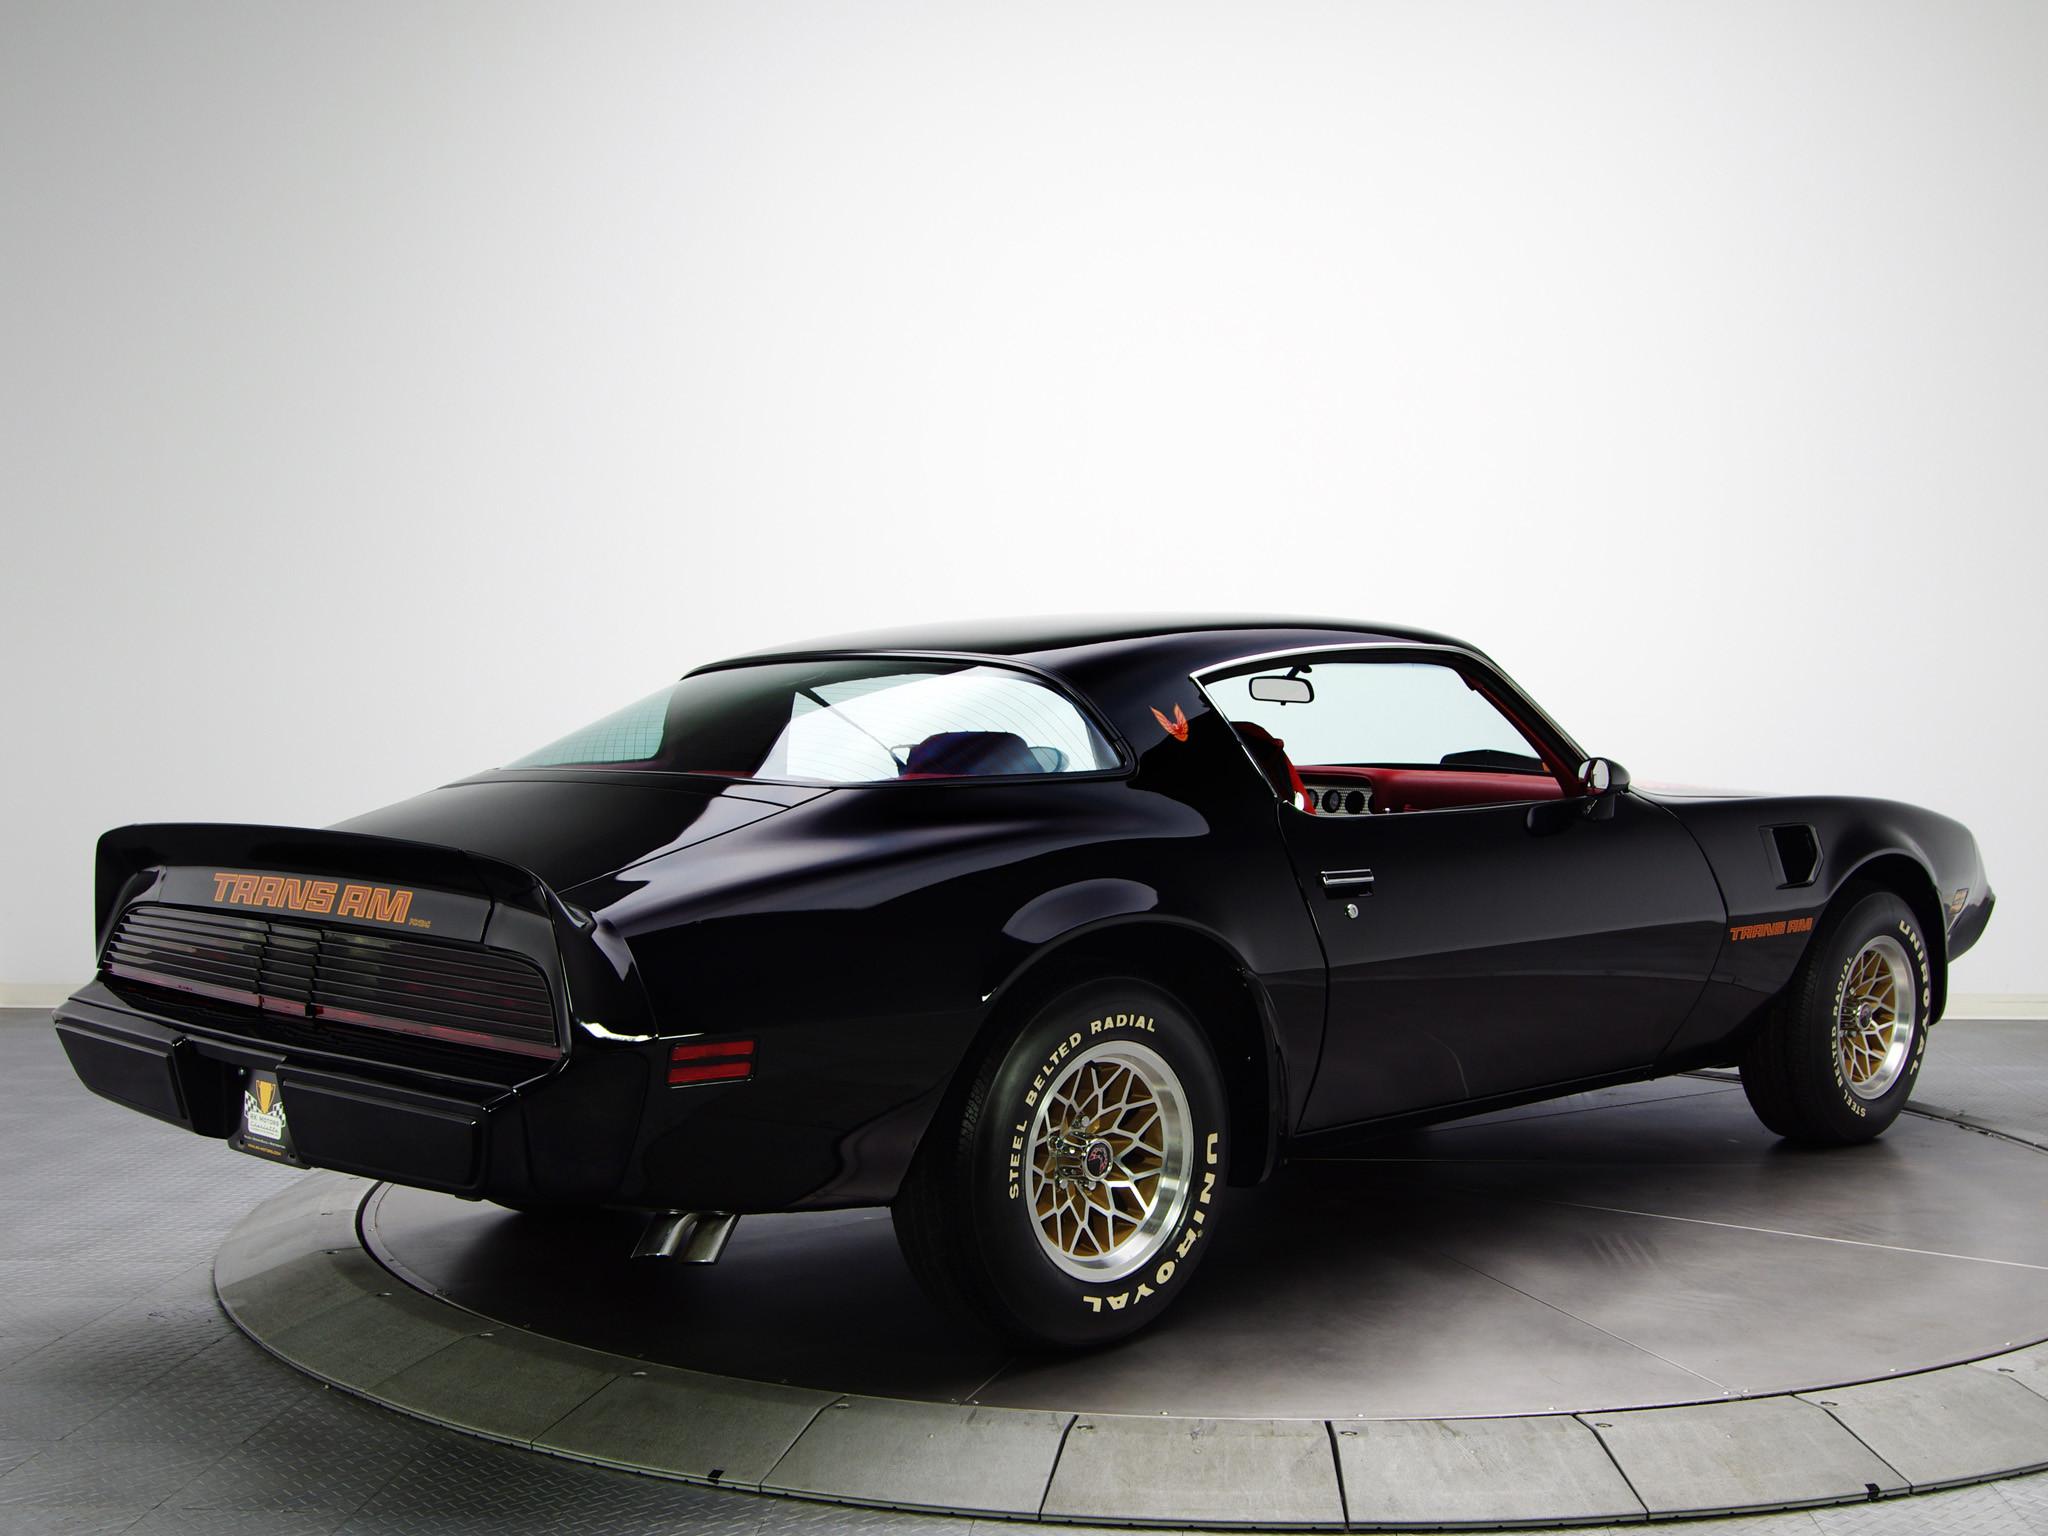 1979 Pontiac Firebird Trans-Am 6-6 L80 muscle classic trans wallpaper |  | 116085 | WallpaperUP